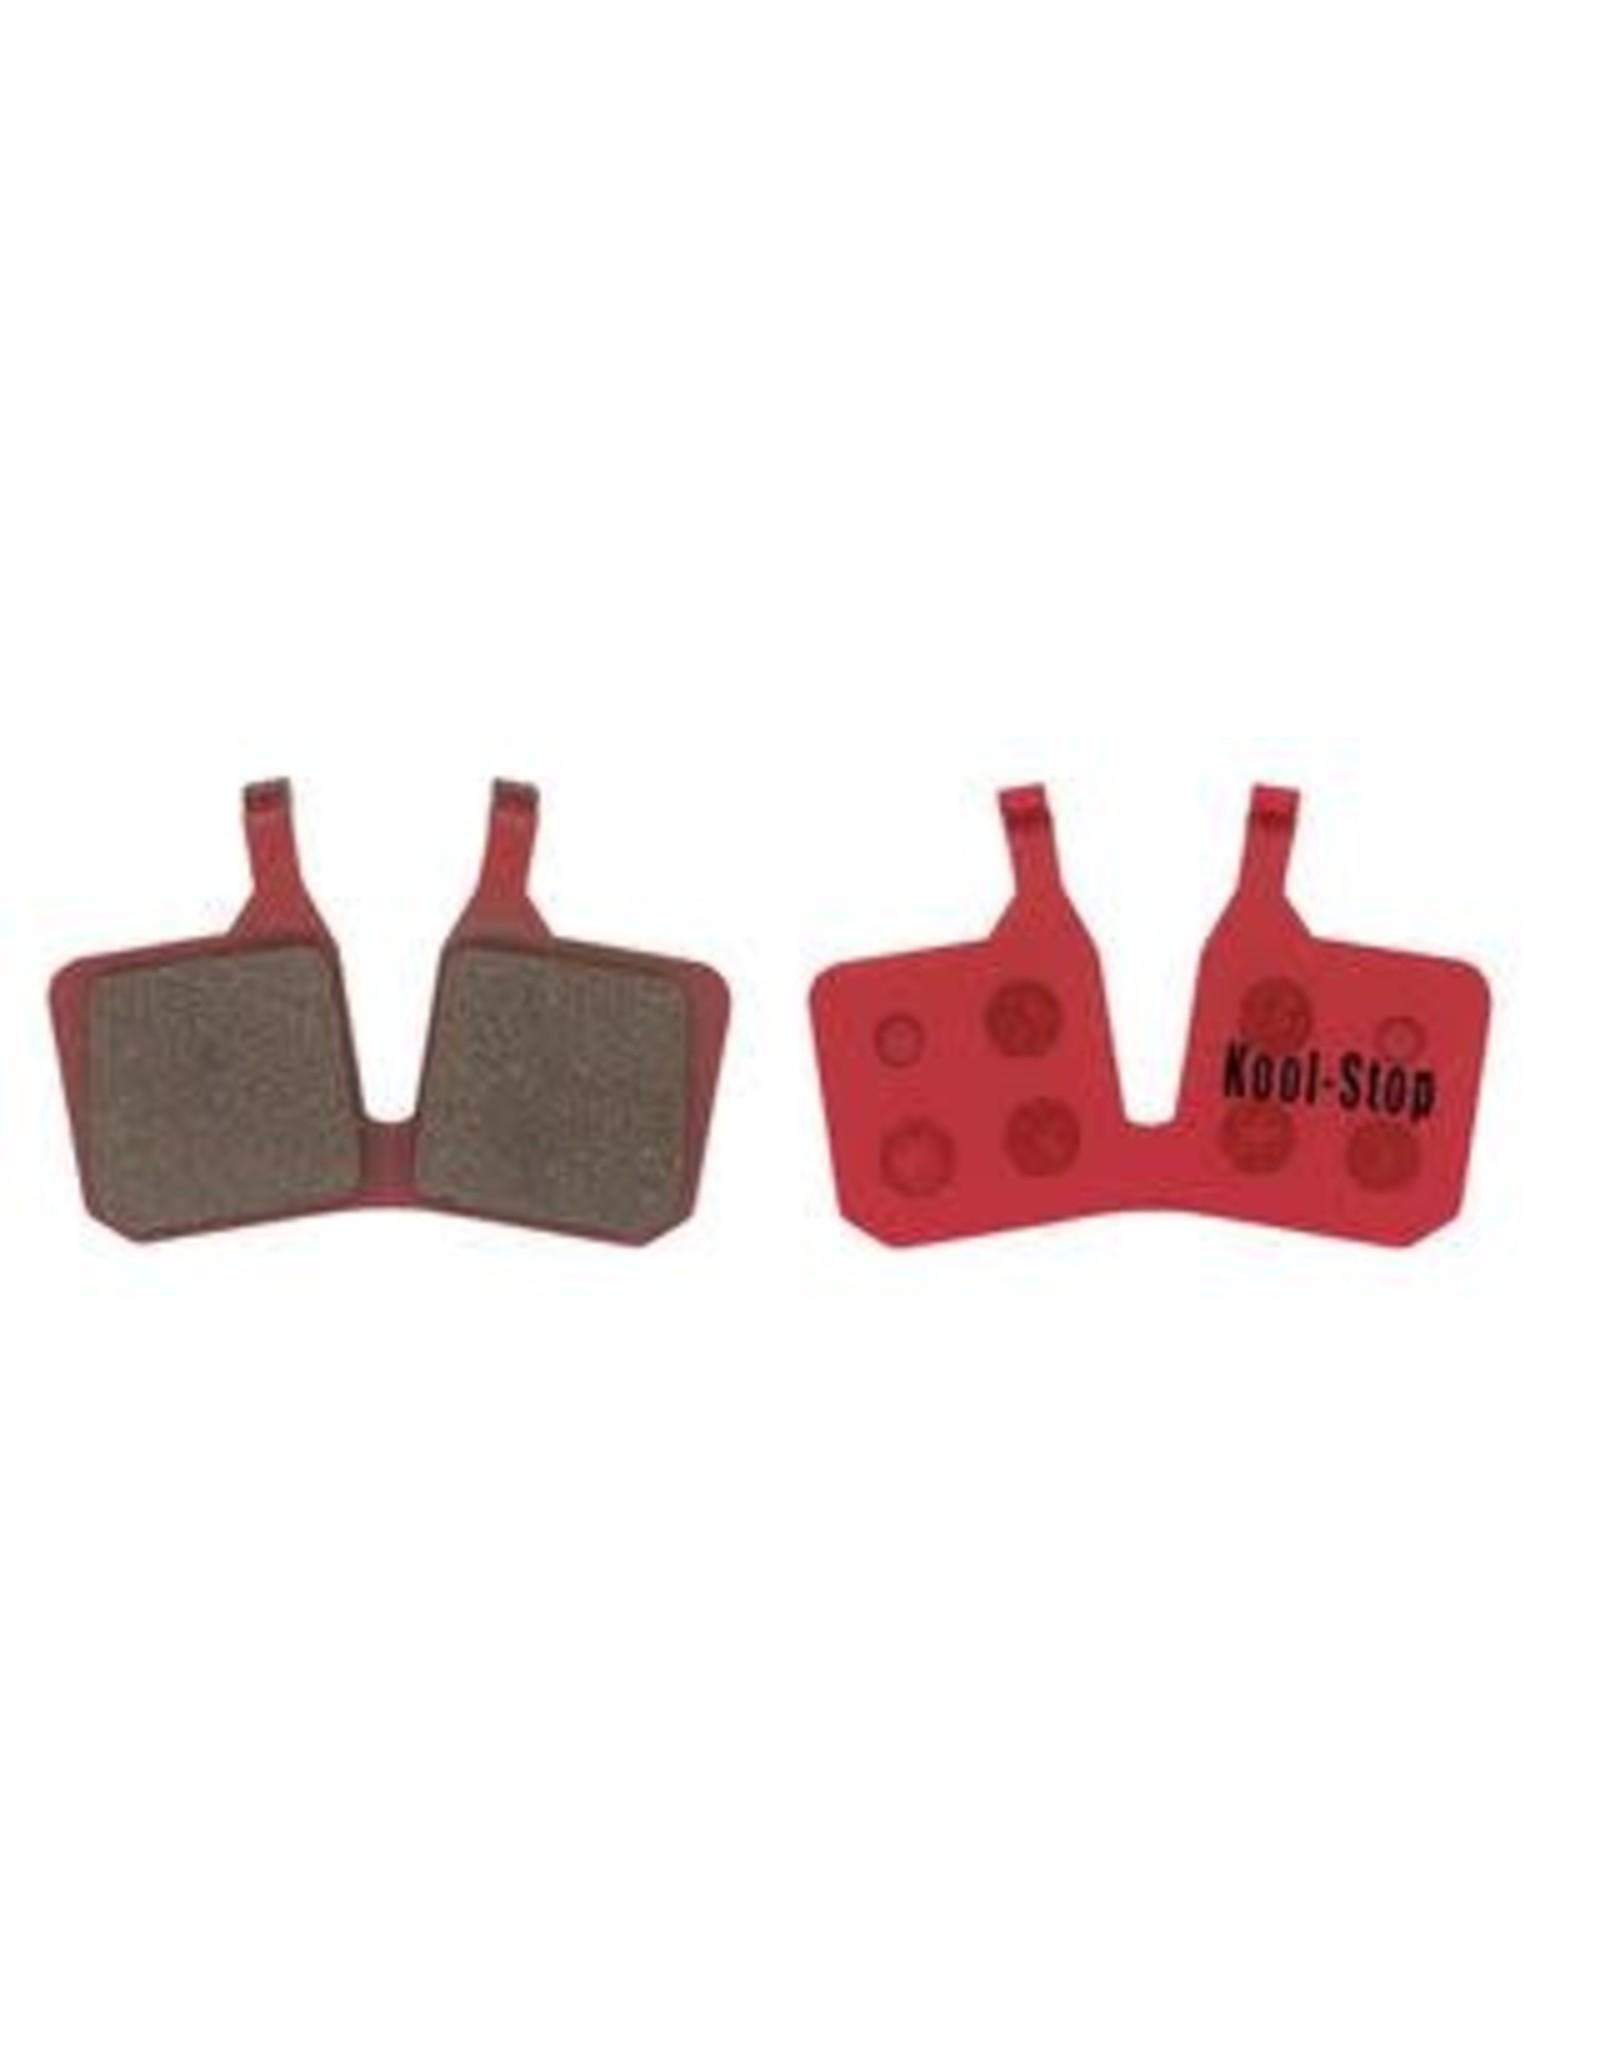 KOOL STOP MAGURA KSD175 MT-5, MT-7 DISC BRAKE PADS